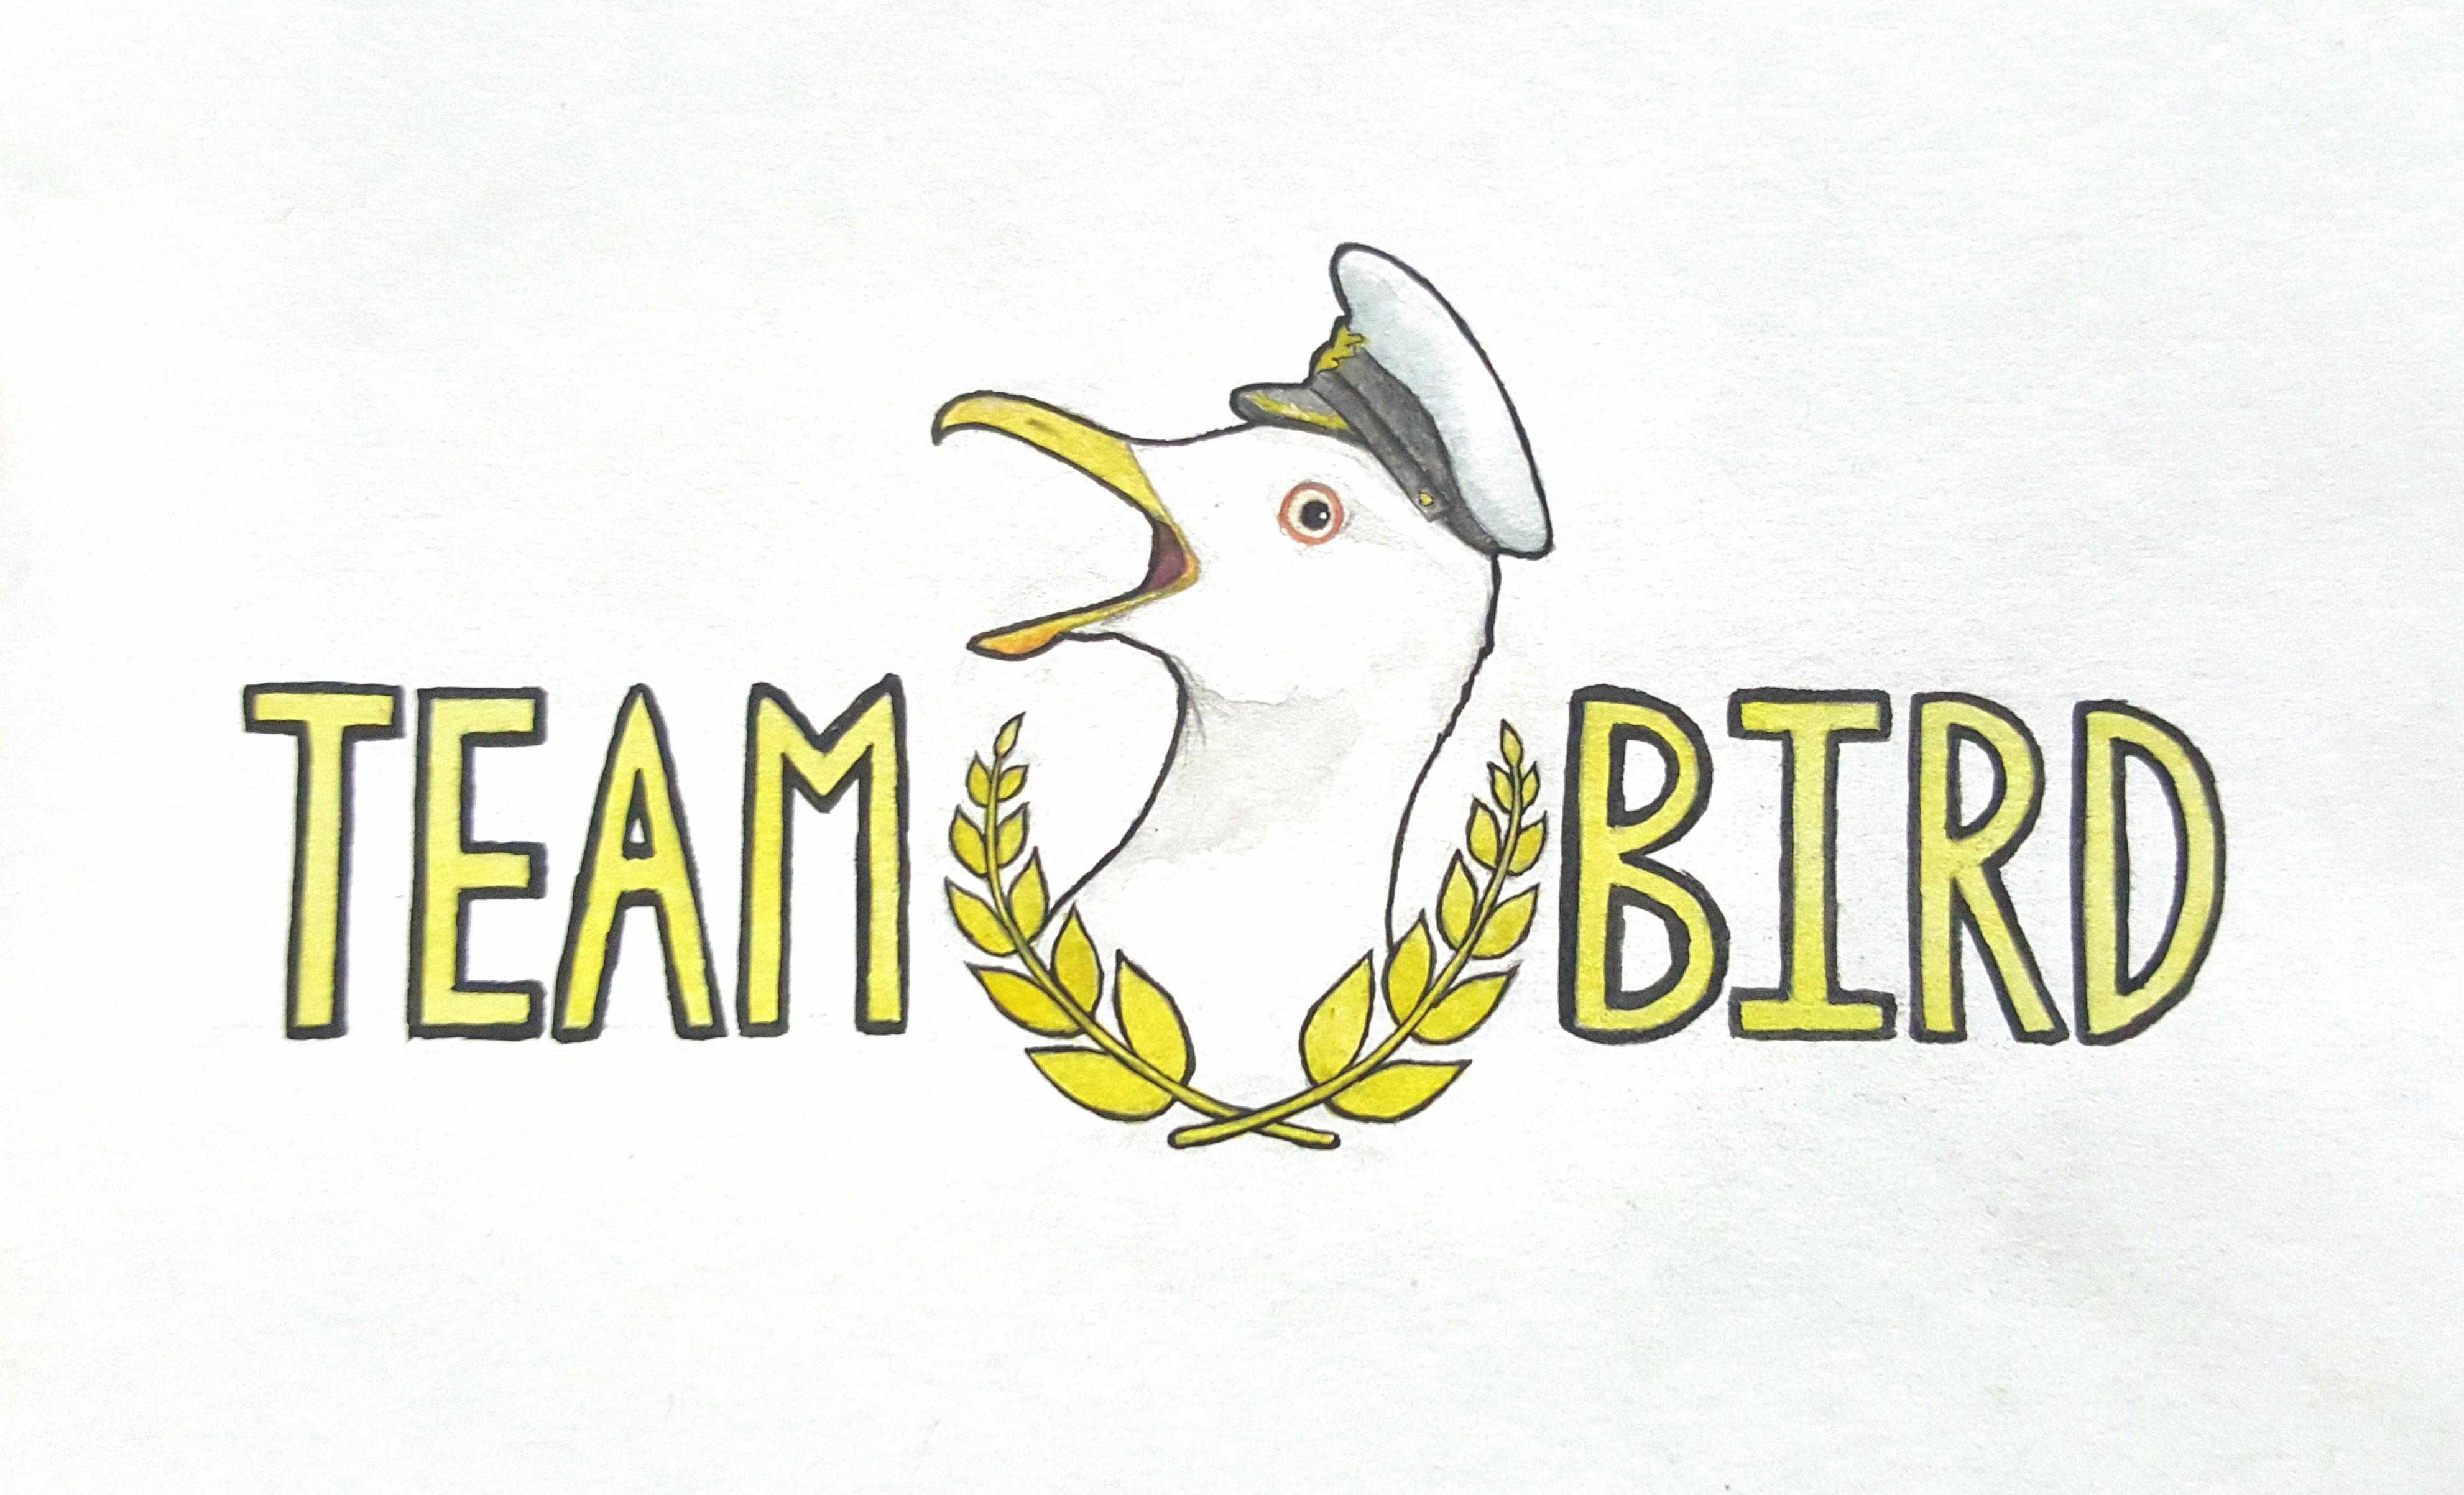 teambird2.jpg